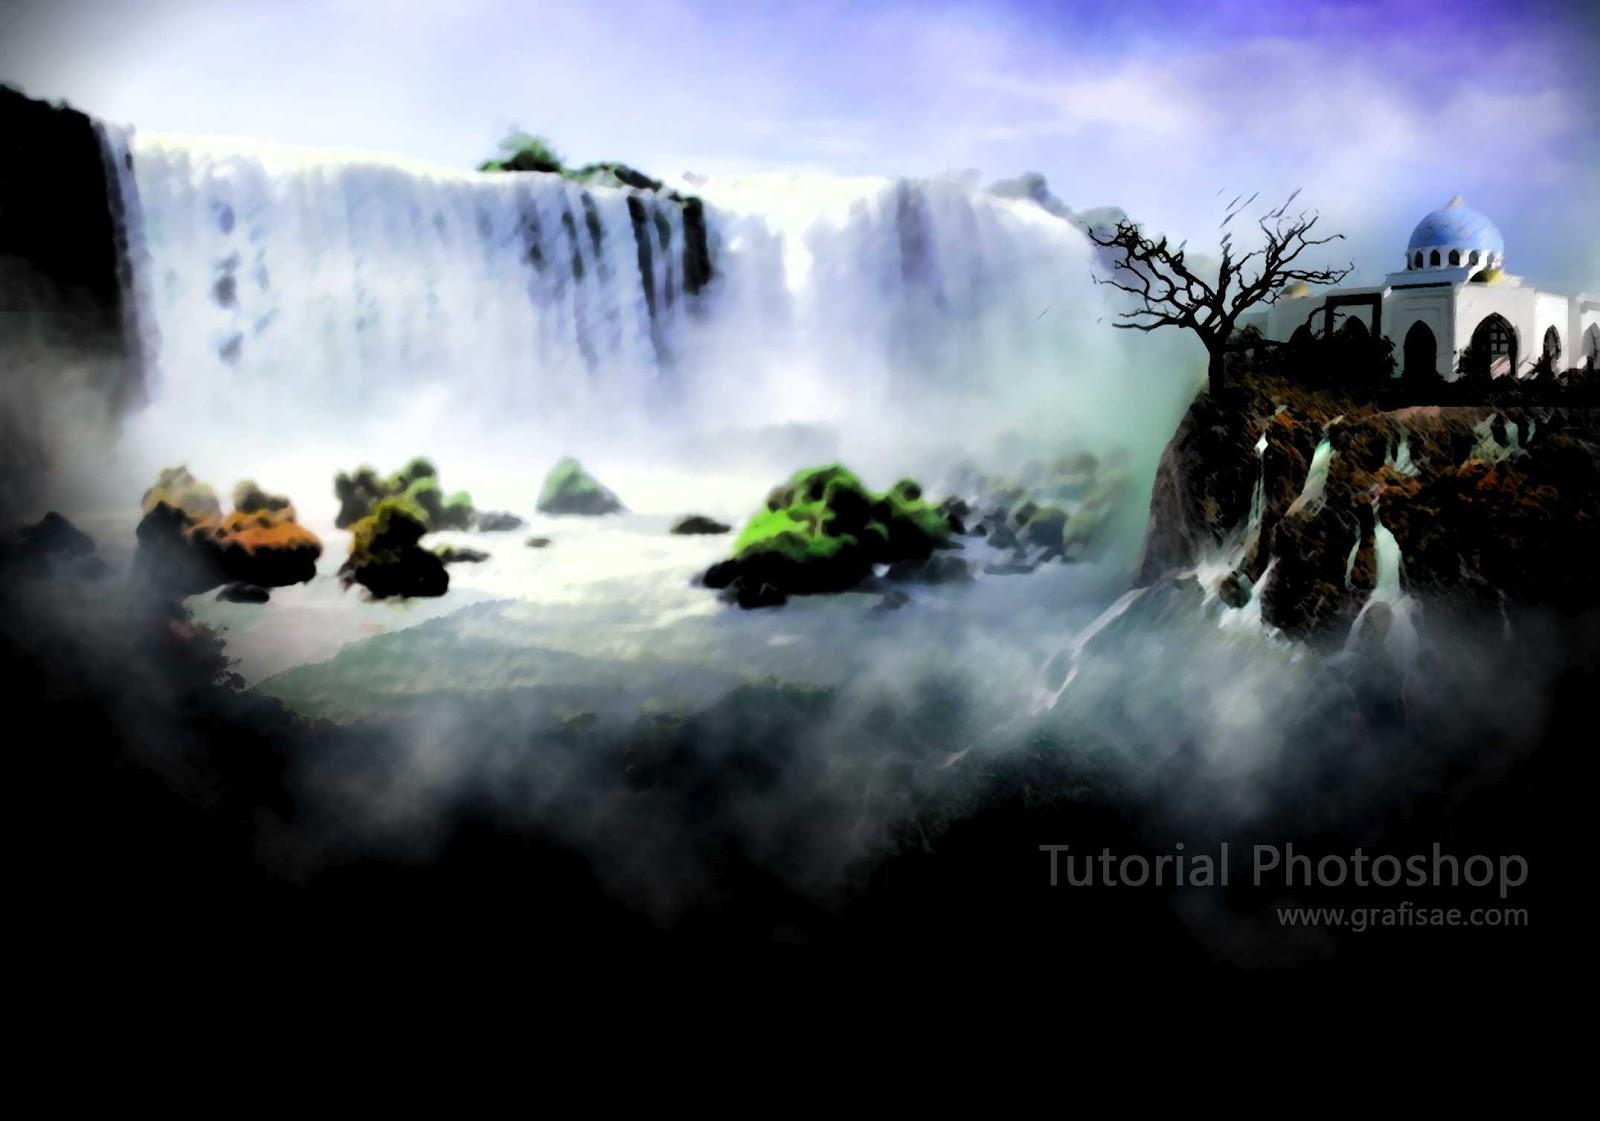 Written By Munim Masrur Tags: manipulasi Foto , Tingkat Lanjut